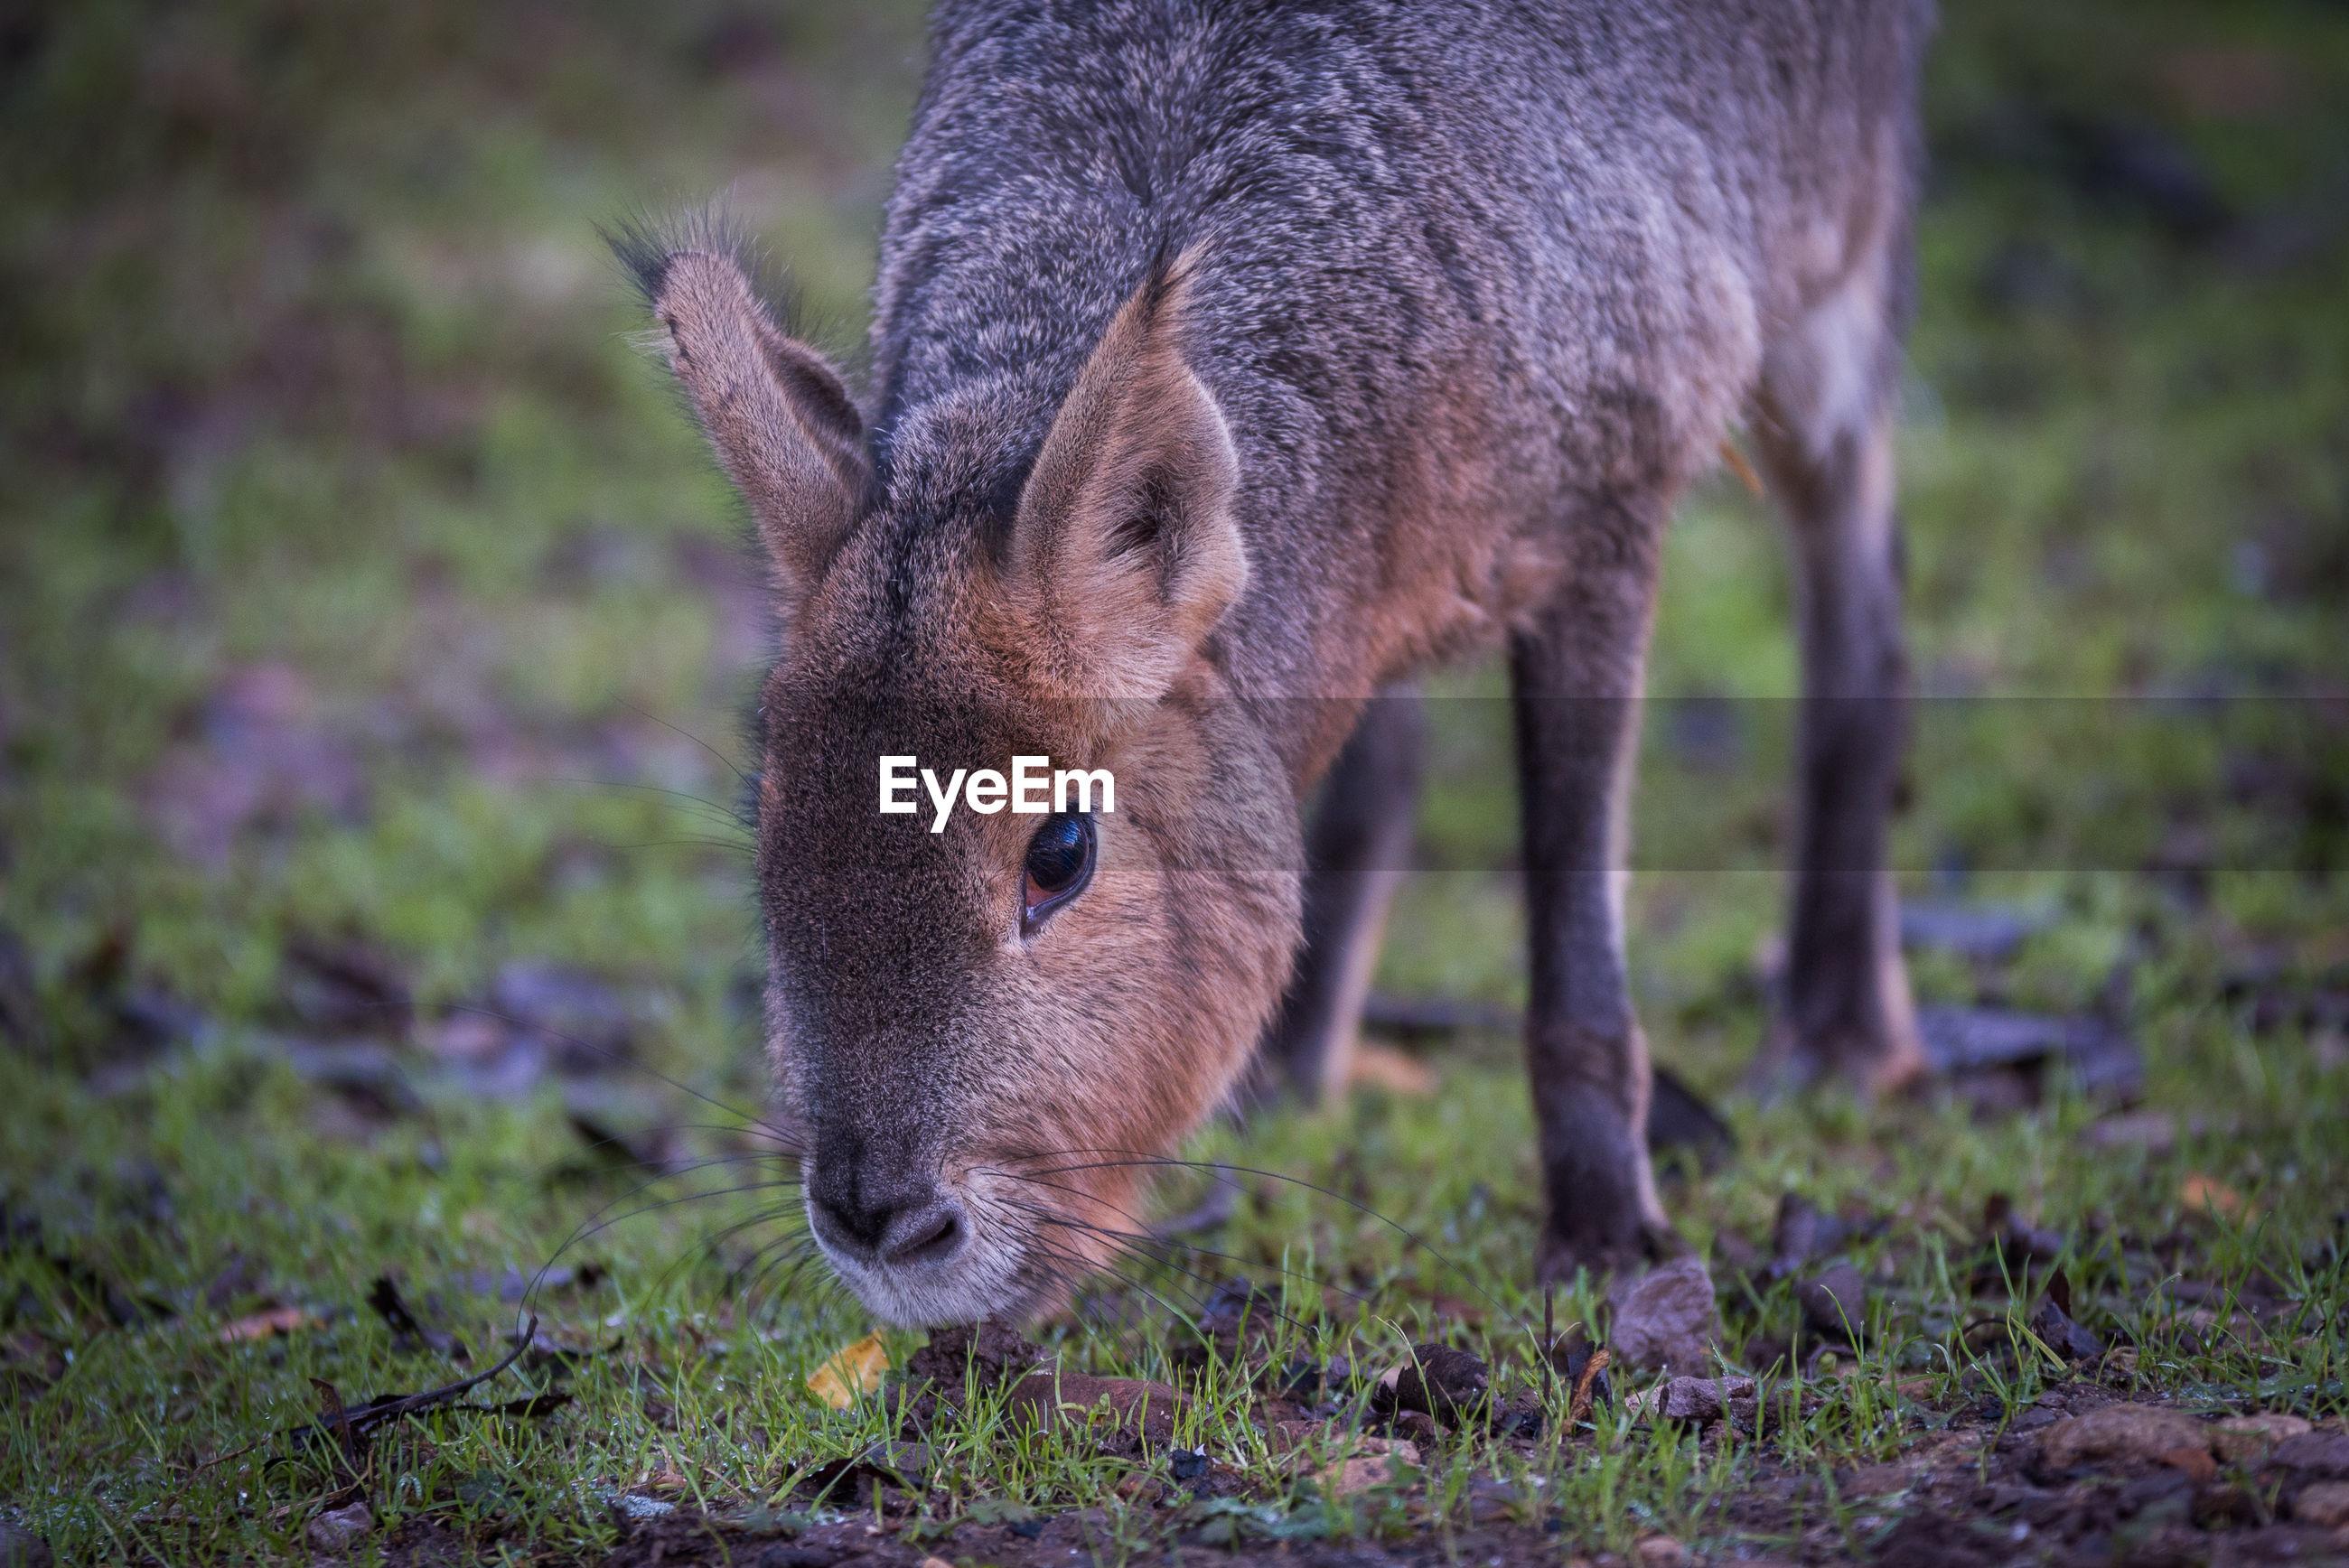 Close-up of mammal